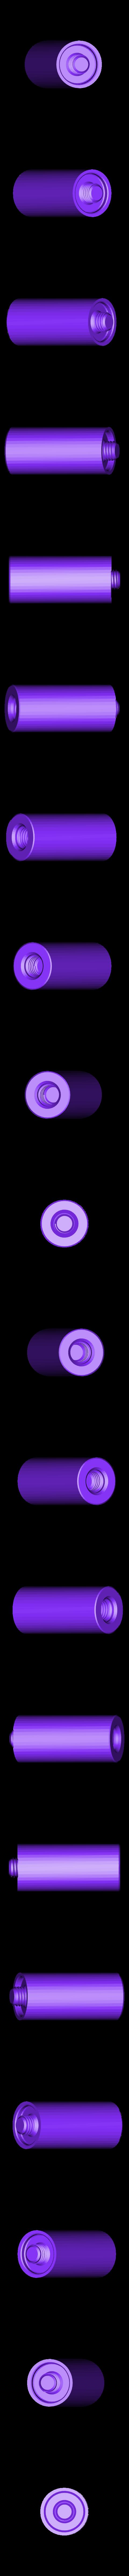 105mm_BigRod.STL Télécharger fichier STL gratuit Le porte-bobine universel - Page principale • Design pour imprimante 3D, Balkhagal4D